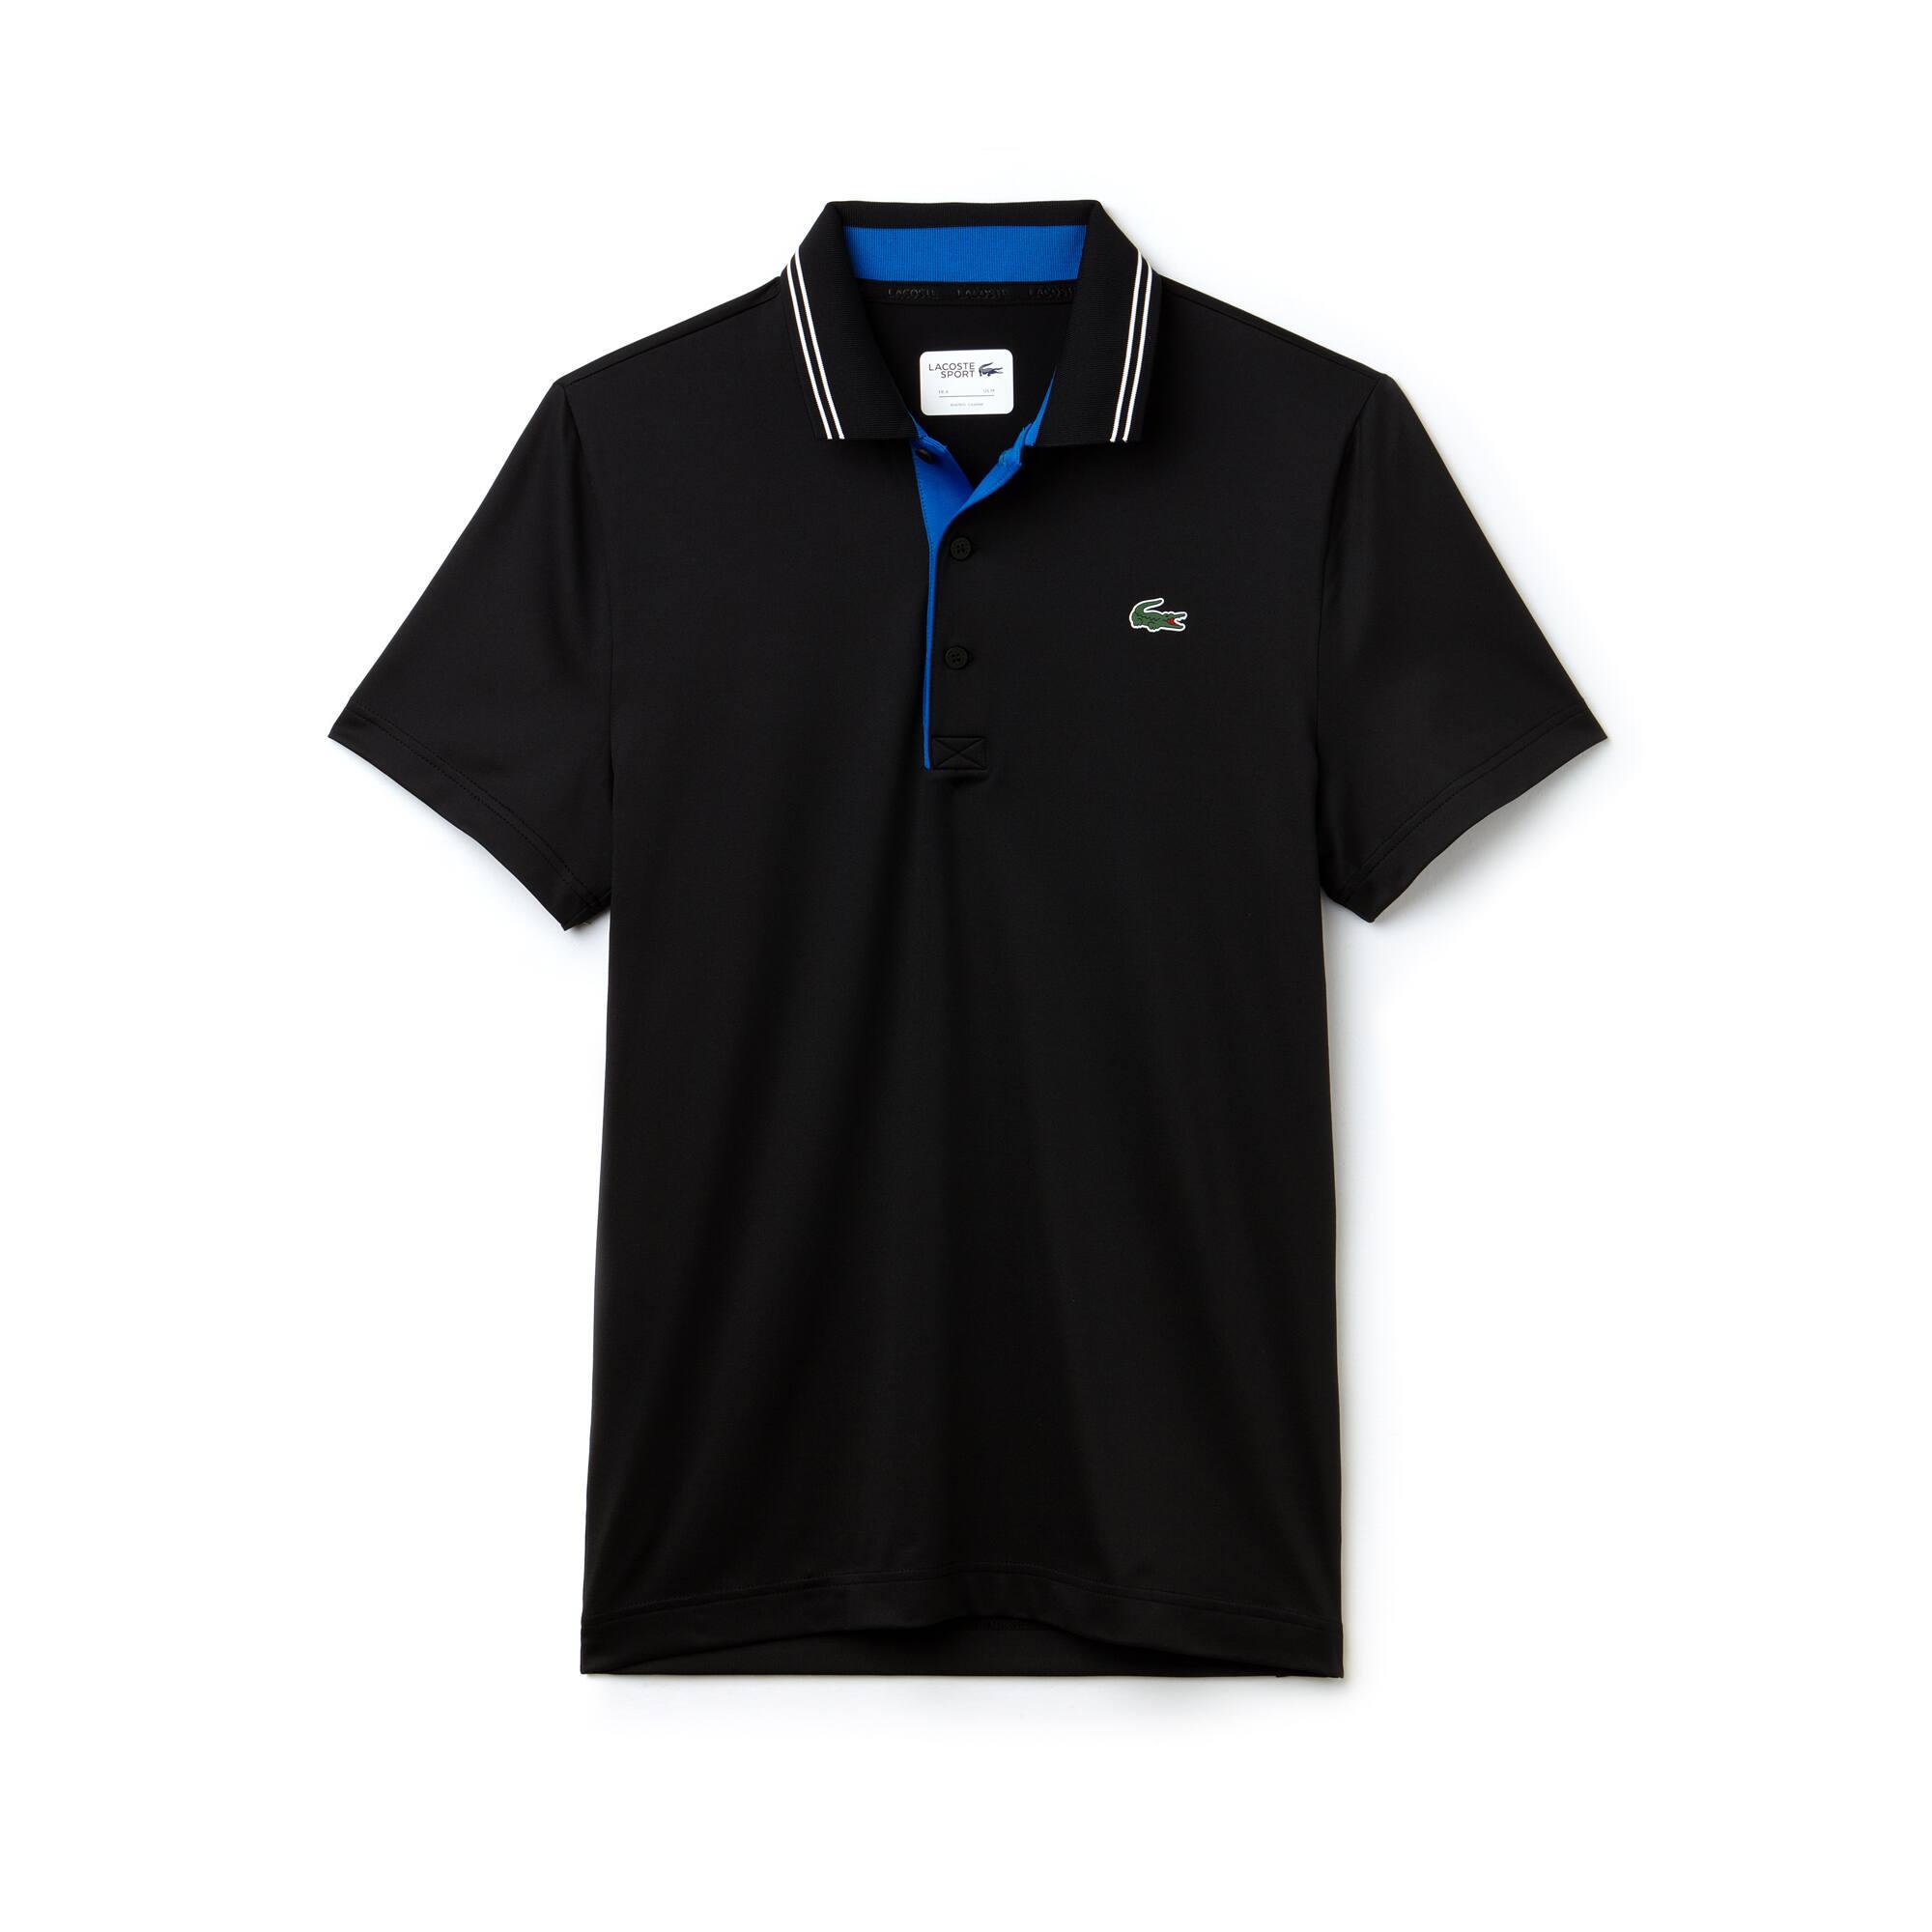 Lacoste SPORT Golf-polo heren gestreept technische jersey met stretch en belettering